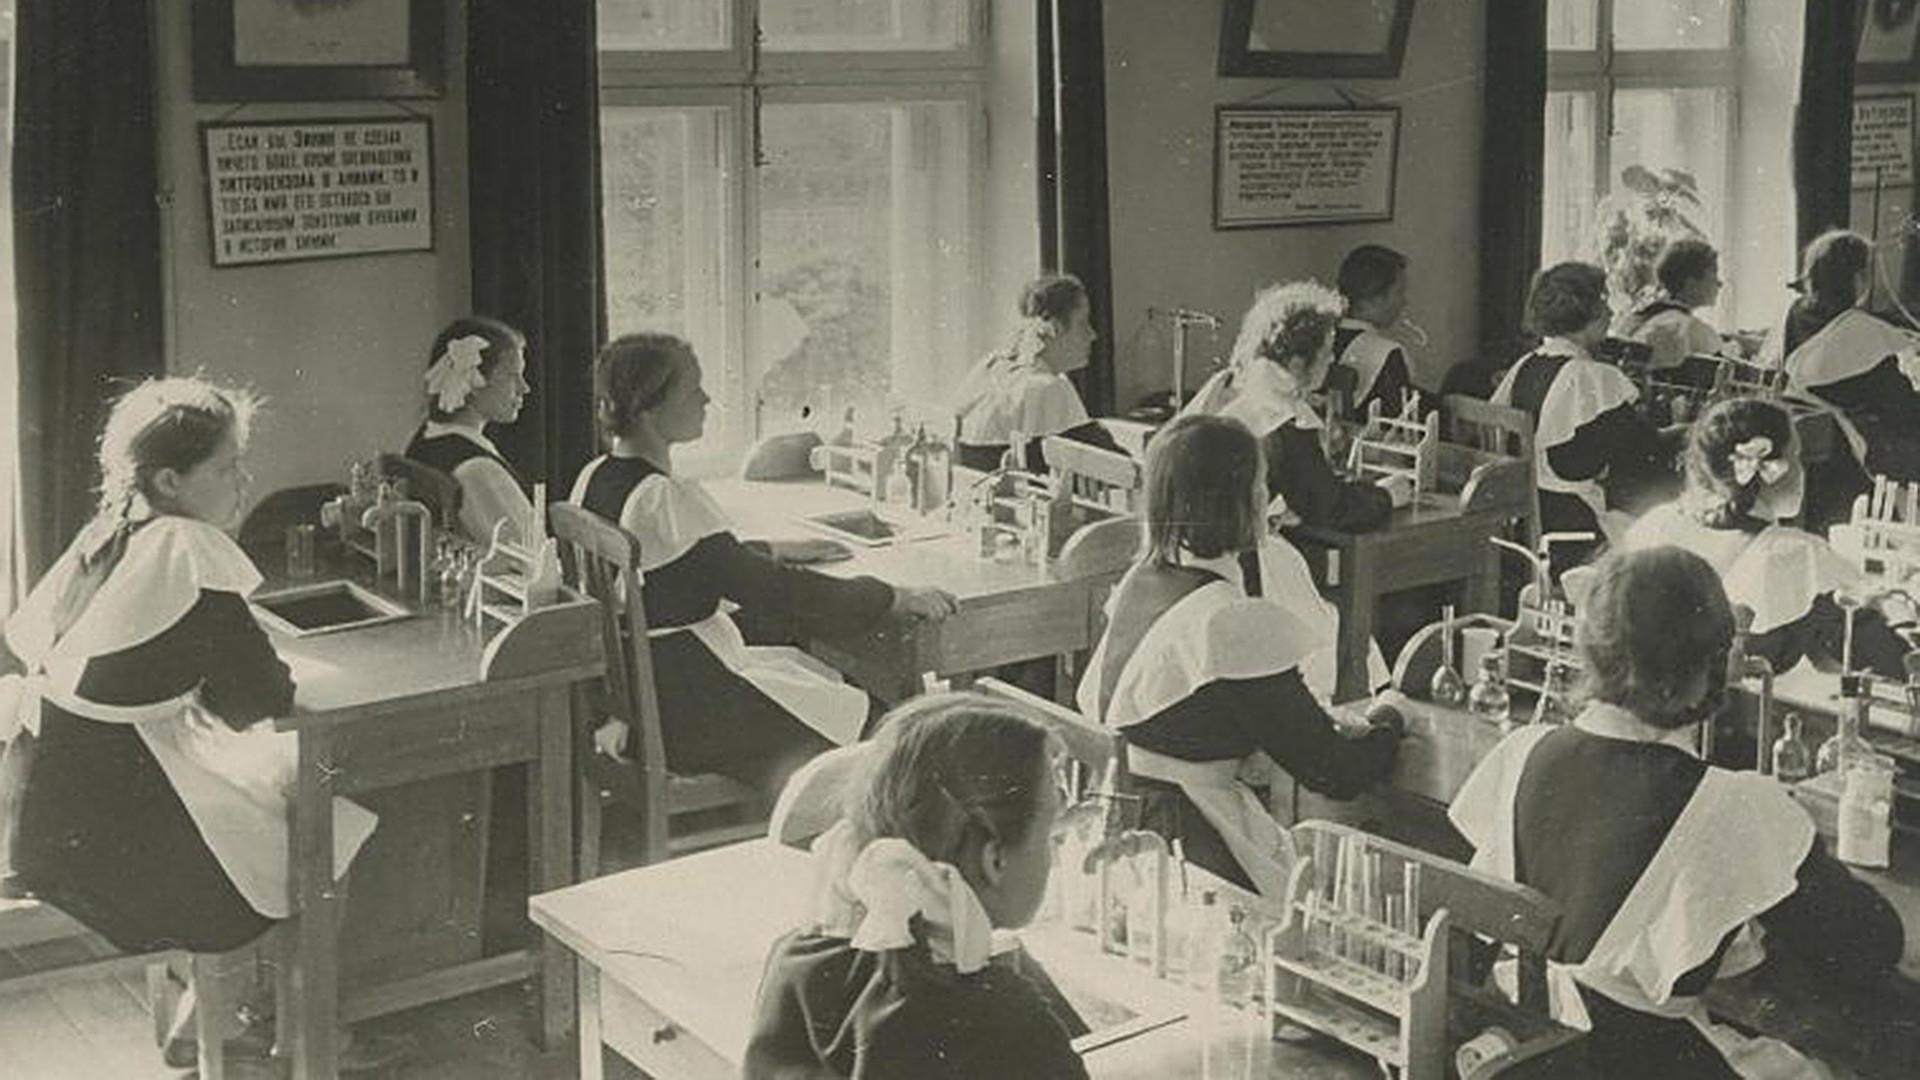 授業中、1950年代